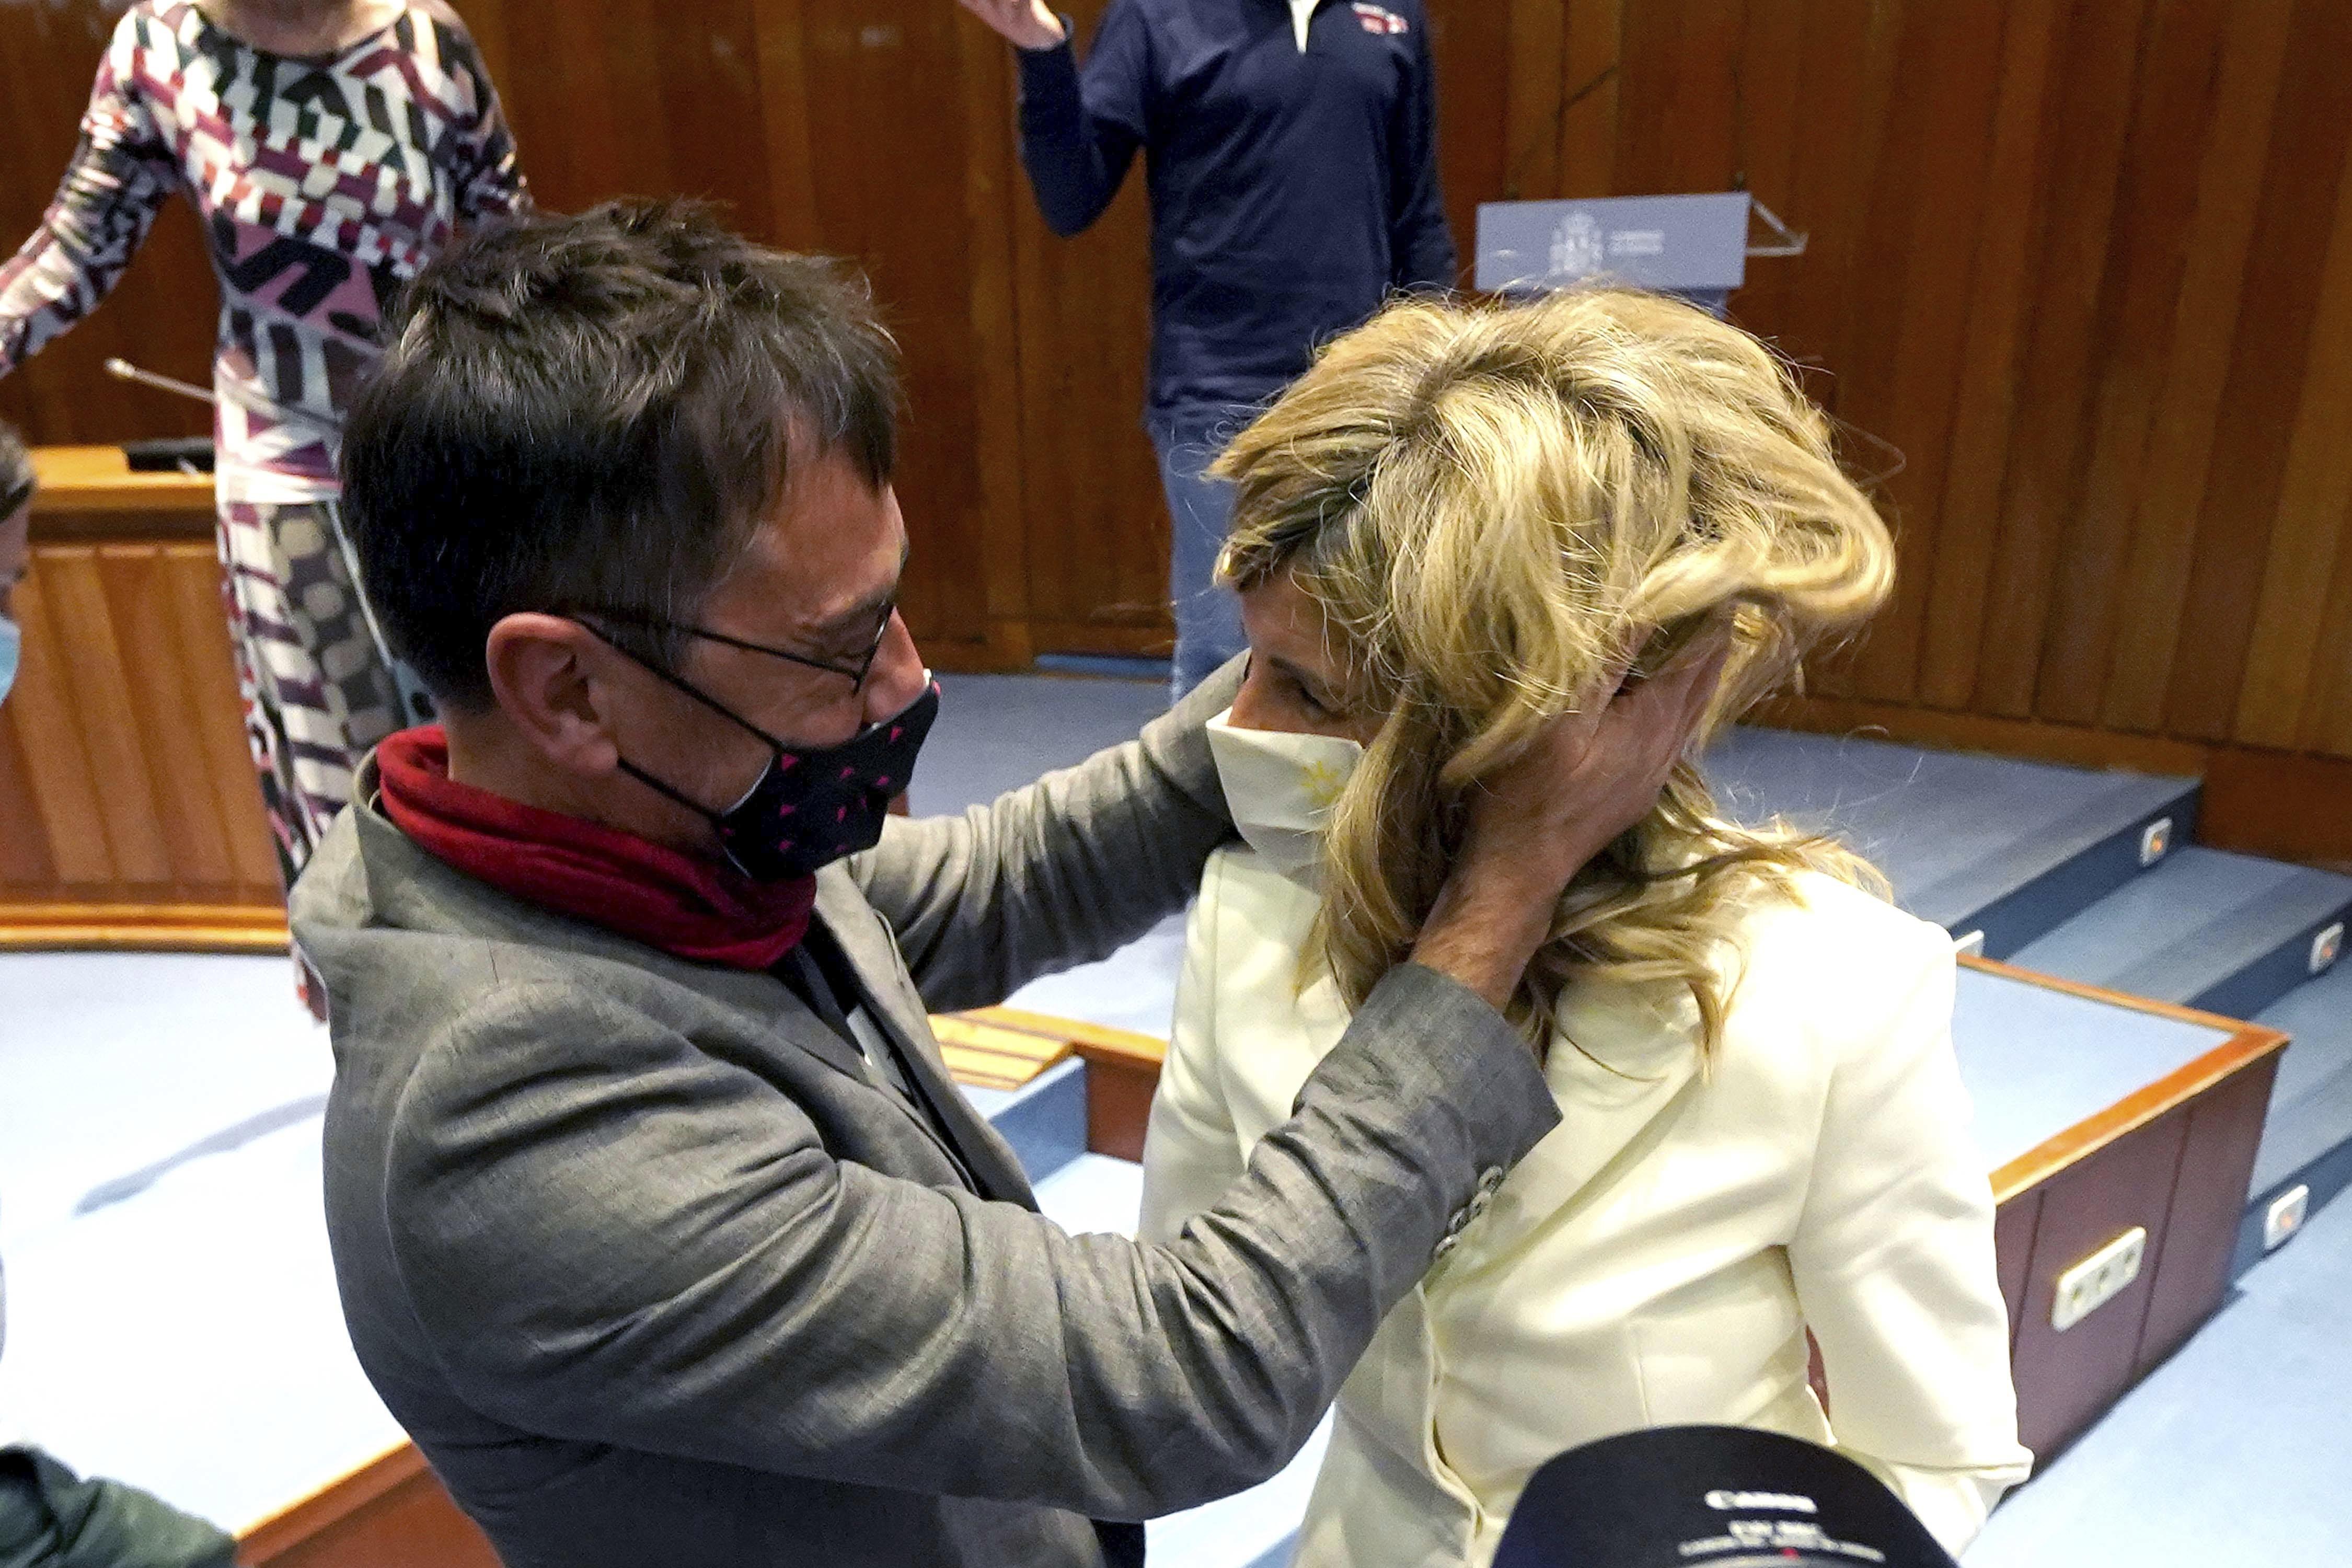 Monedero felicita a Yolanda Díaz cuando ésta recibe la cartera de Pablo Iglesias.